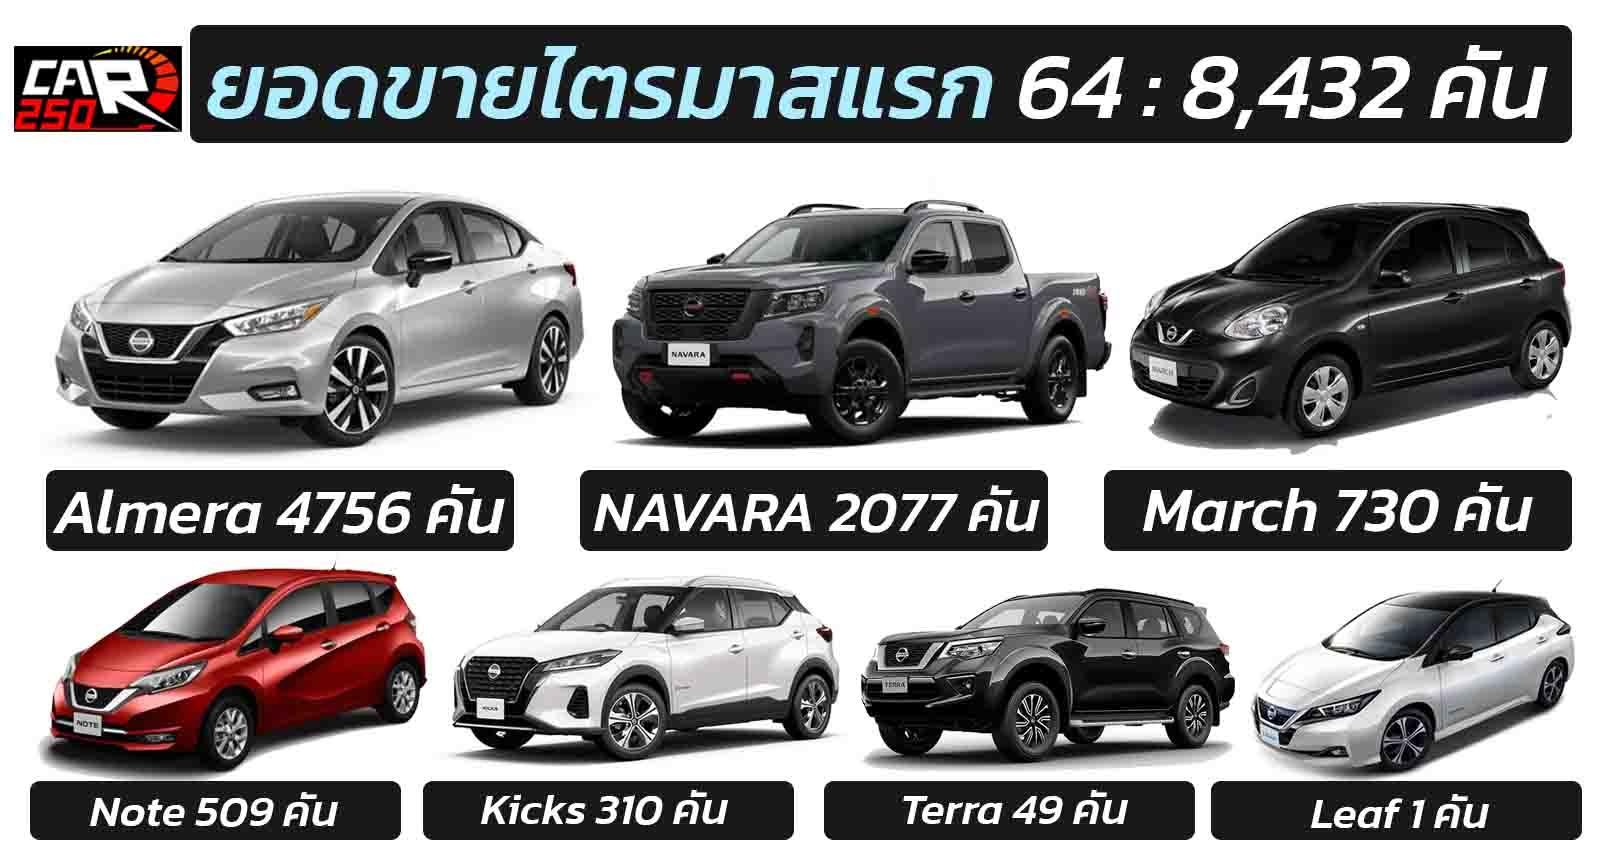 ยอดขาย Nissan ไตรมาสแรก 2564 รวม 8,432 คัน - CAR250 รถยนต์รถใหม่  ข่าวสารรถยนต์ รถใหม่ล่าสุด เปิดตัวรถใหม่ ราคารถใหม่